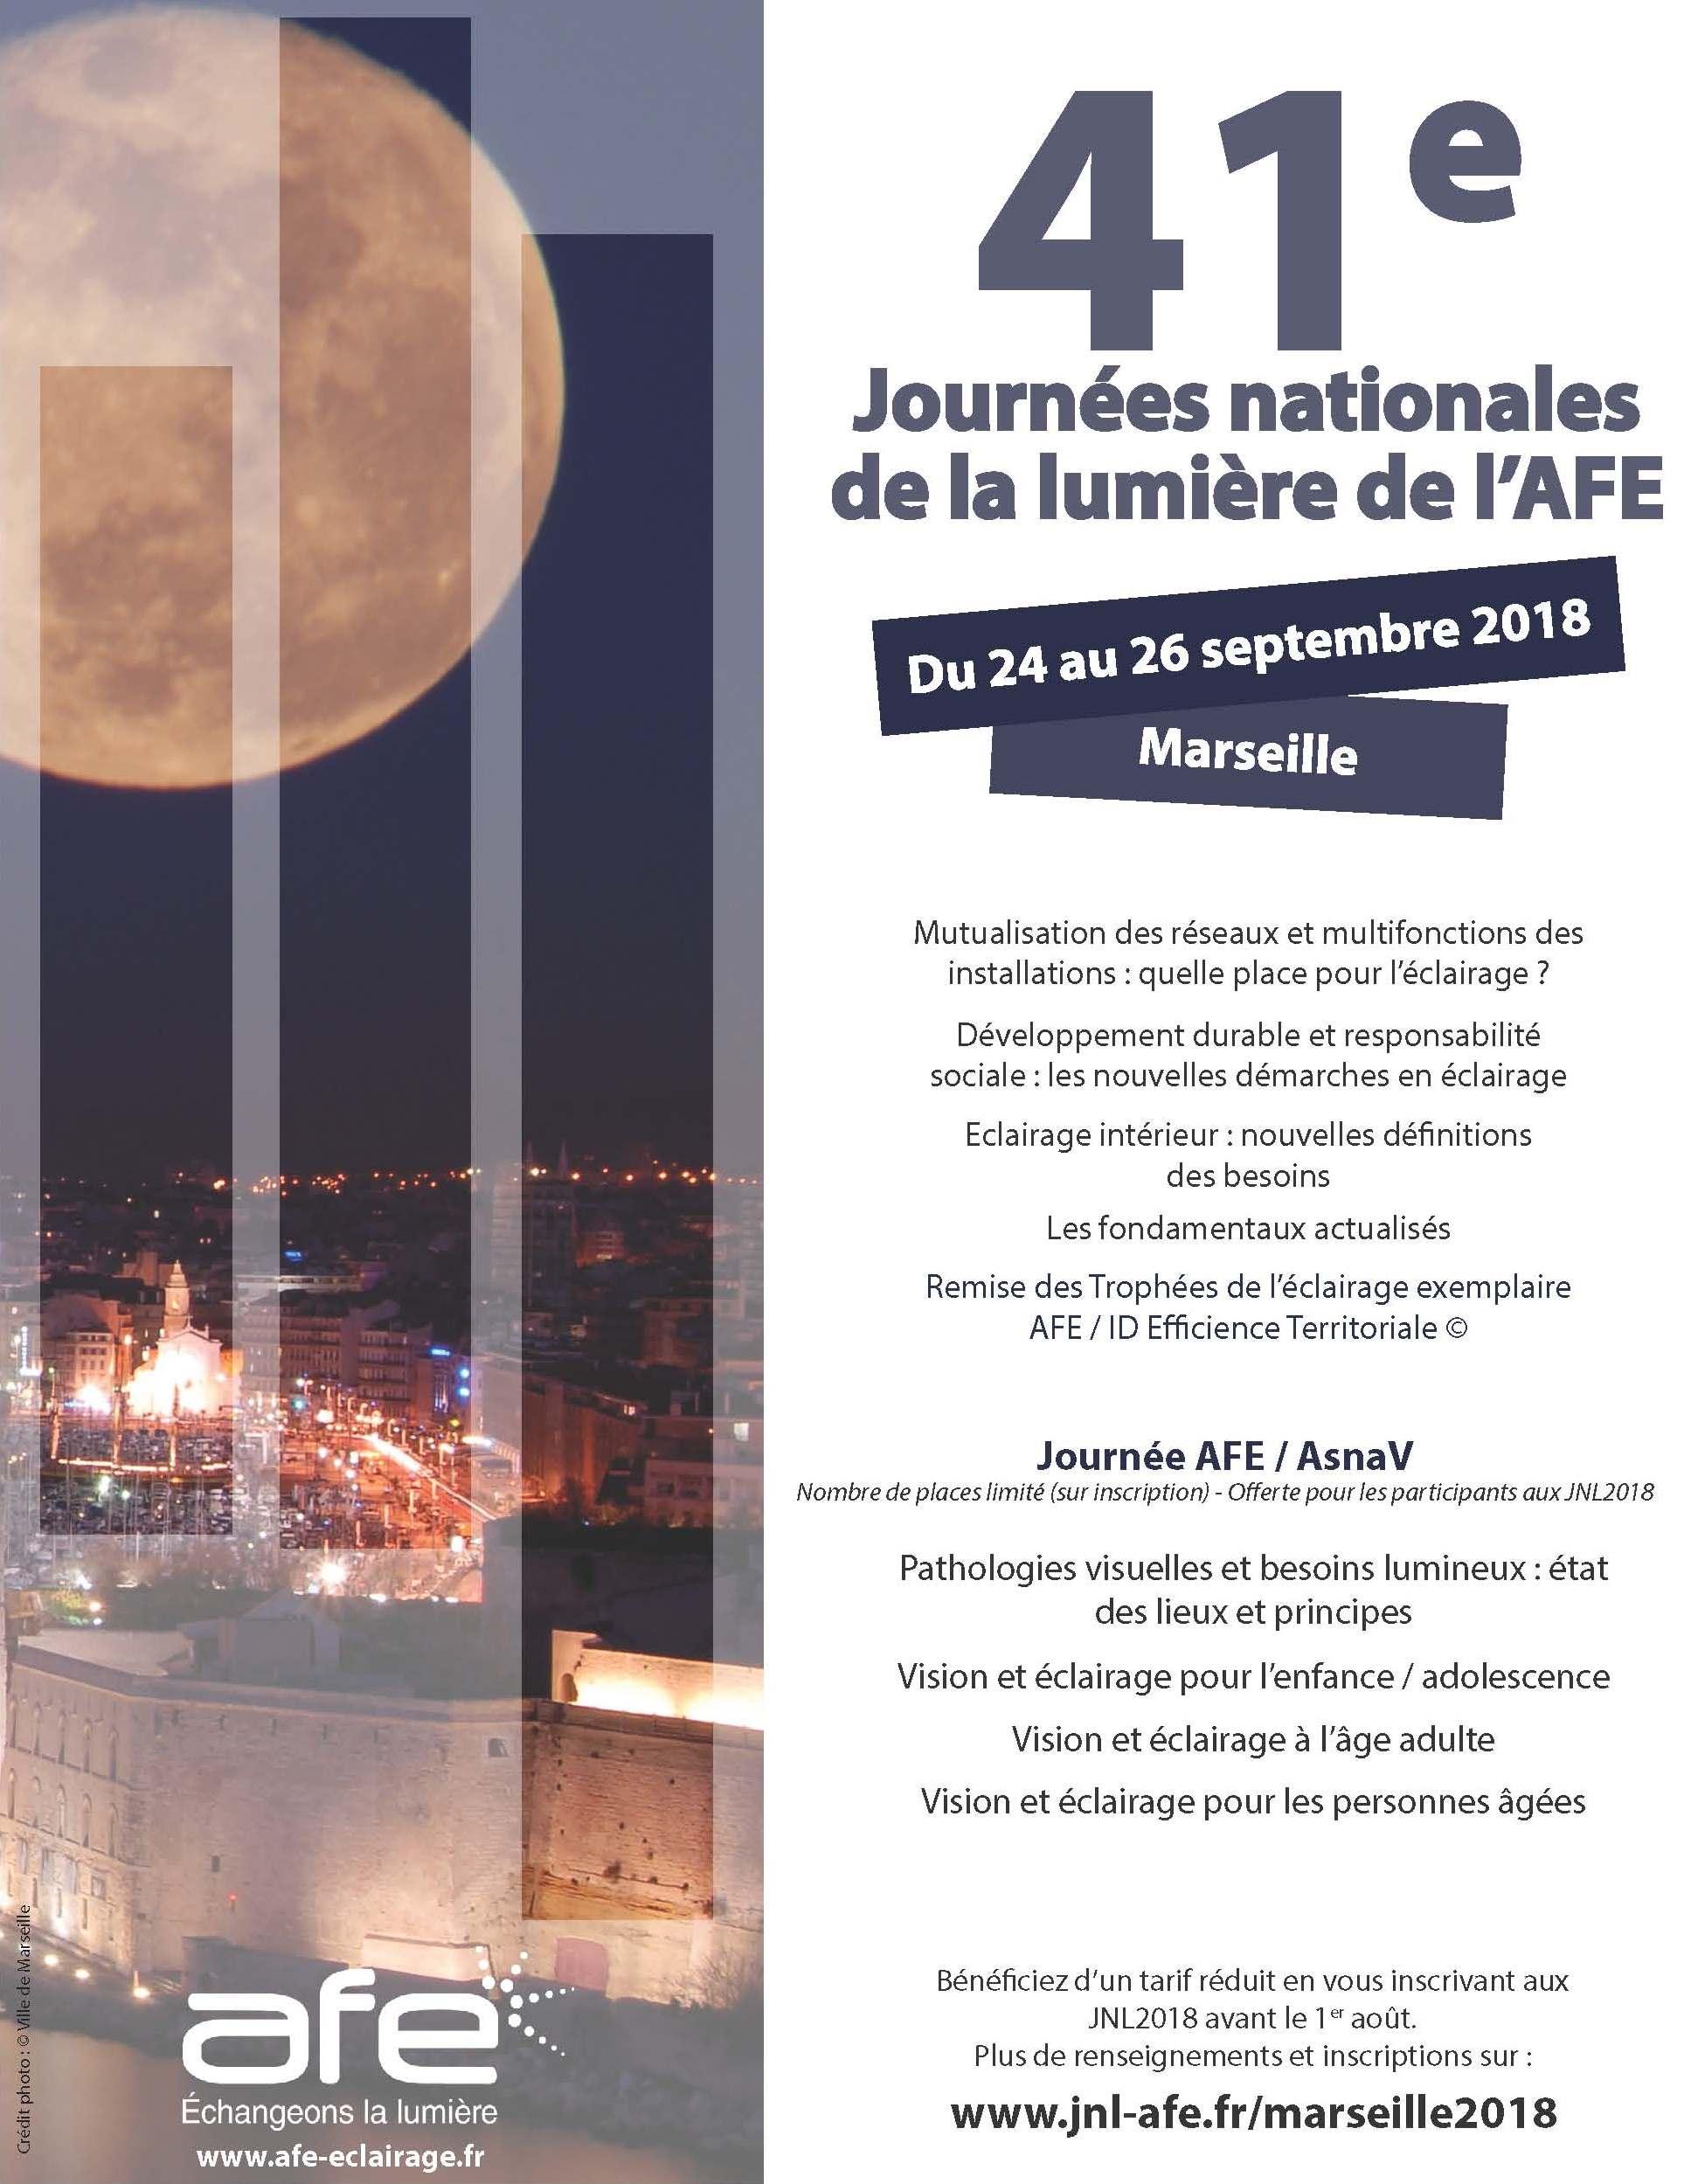 41e Journées nationales de la lumière de l'AFE